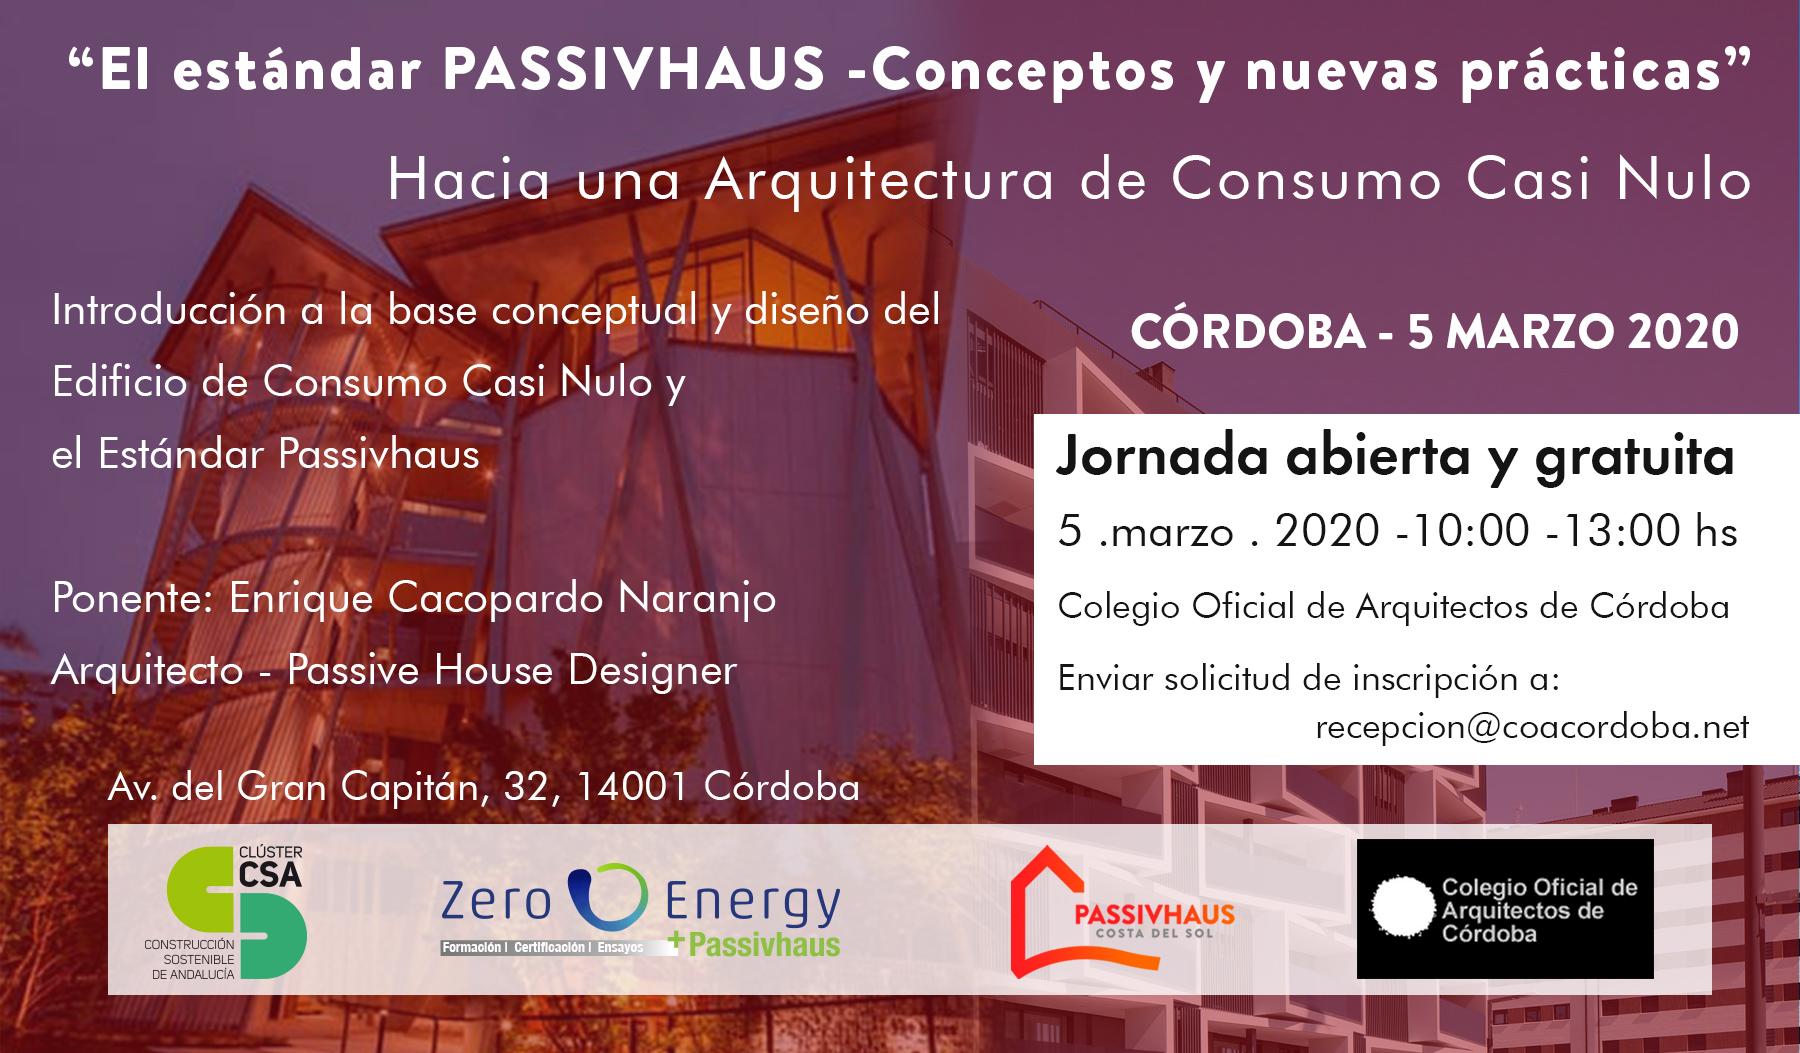 Jornada Passivhaus colegio arquitectos cordoba